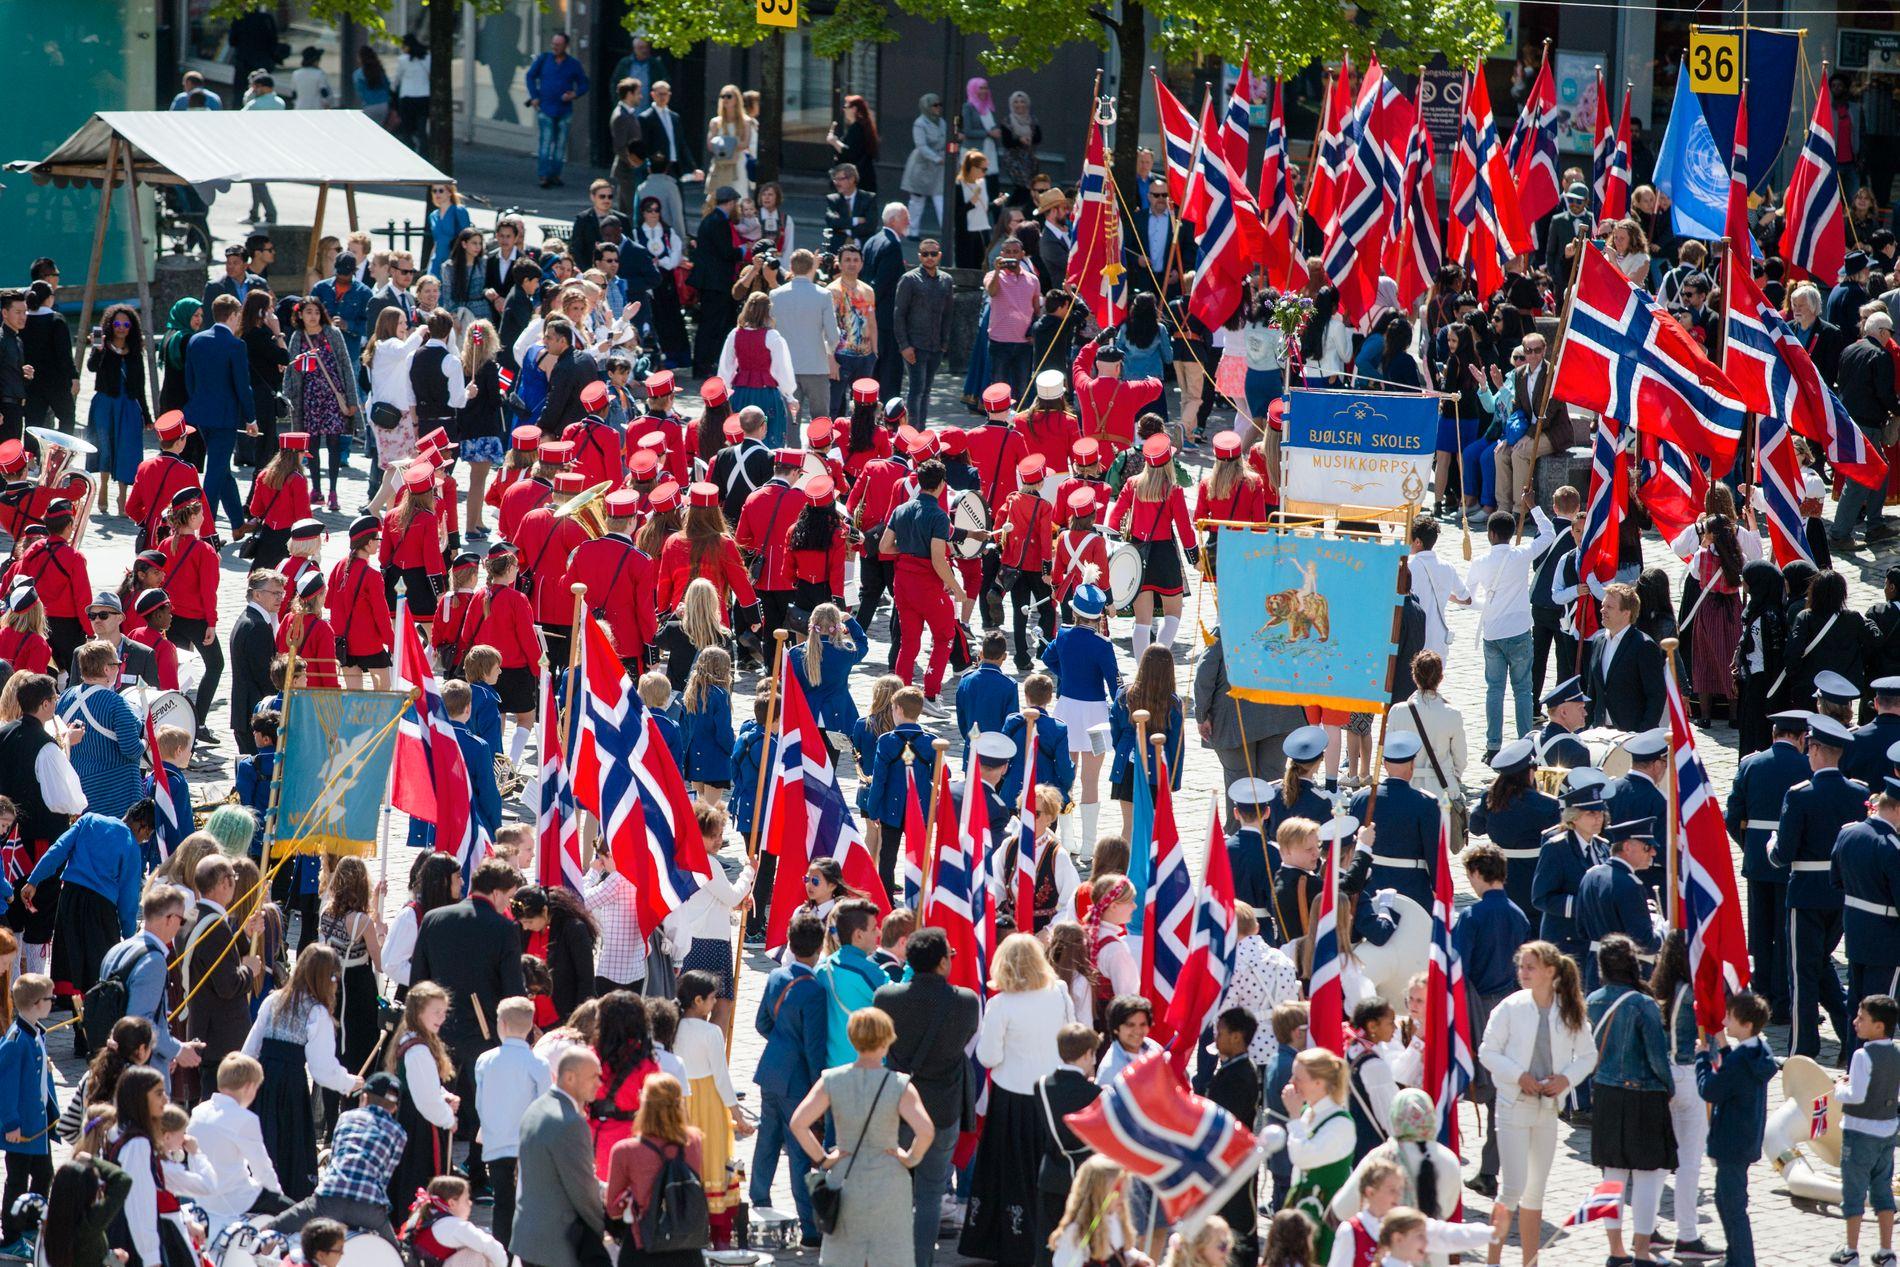 FLAGGBRÅK: Mange lurer på om det er forbudt å gå med utenlandske flagg i 17. mai-toget etter å ha lest en artikkel publisert på nettstedet Dagmagasinet. Dette stemmer ikke.